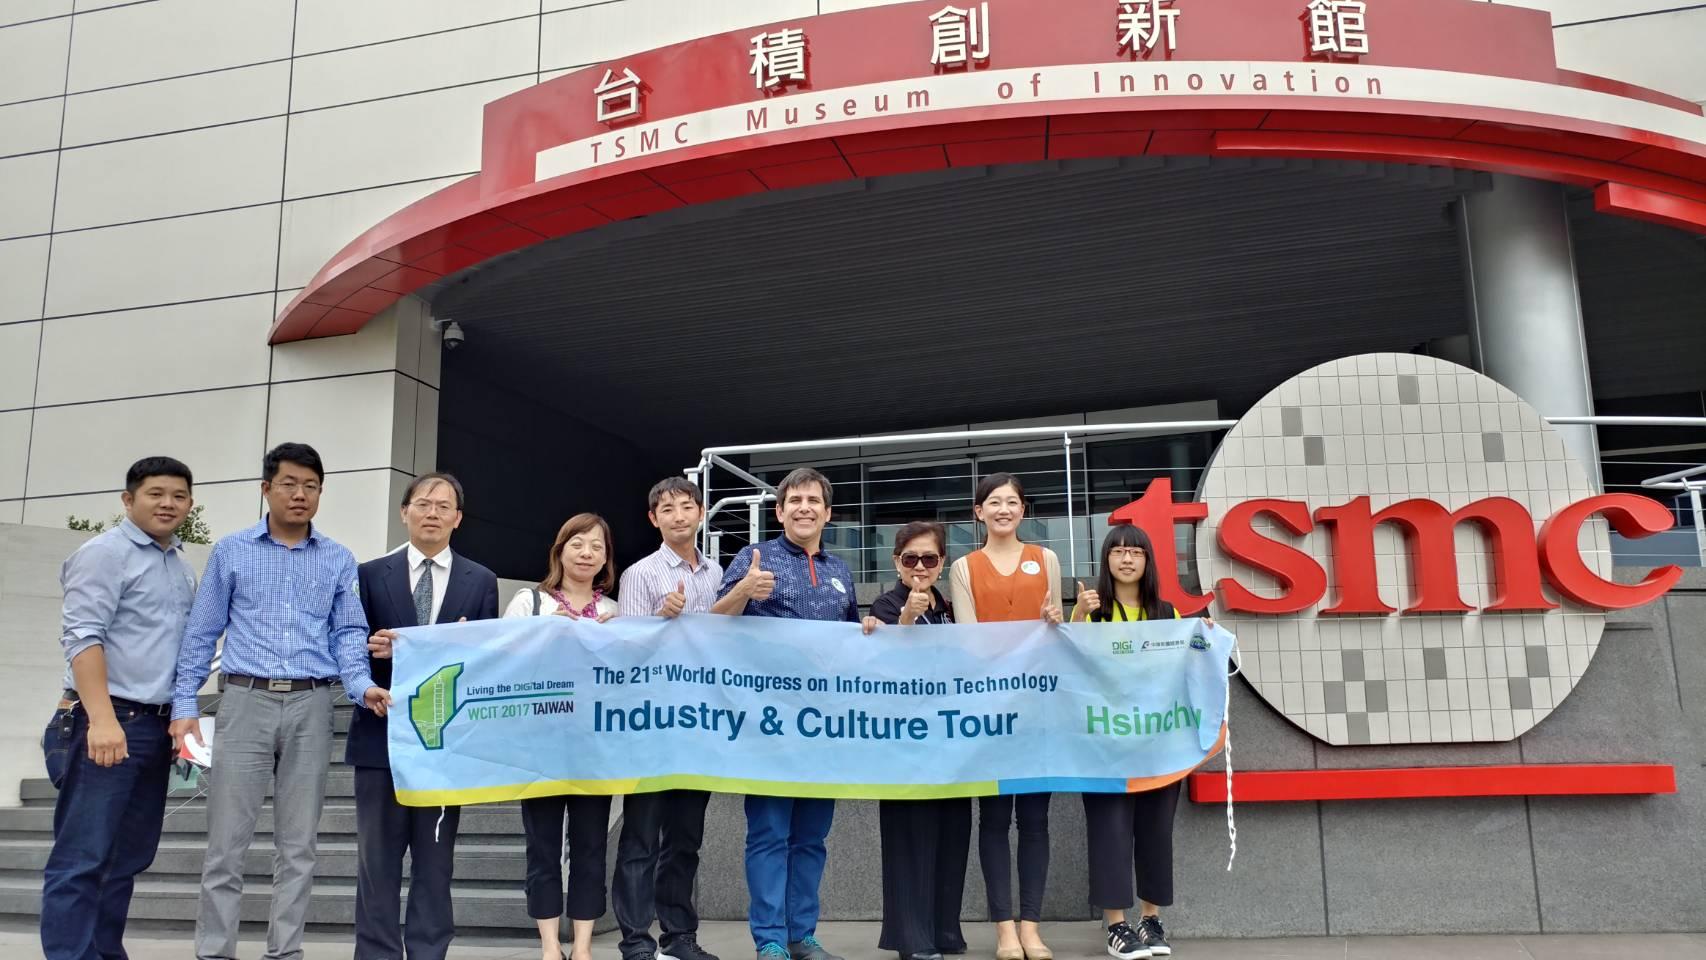 2017 WCIT 8都智慧城市讓世界驚豔臺灣的智能生活